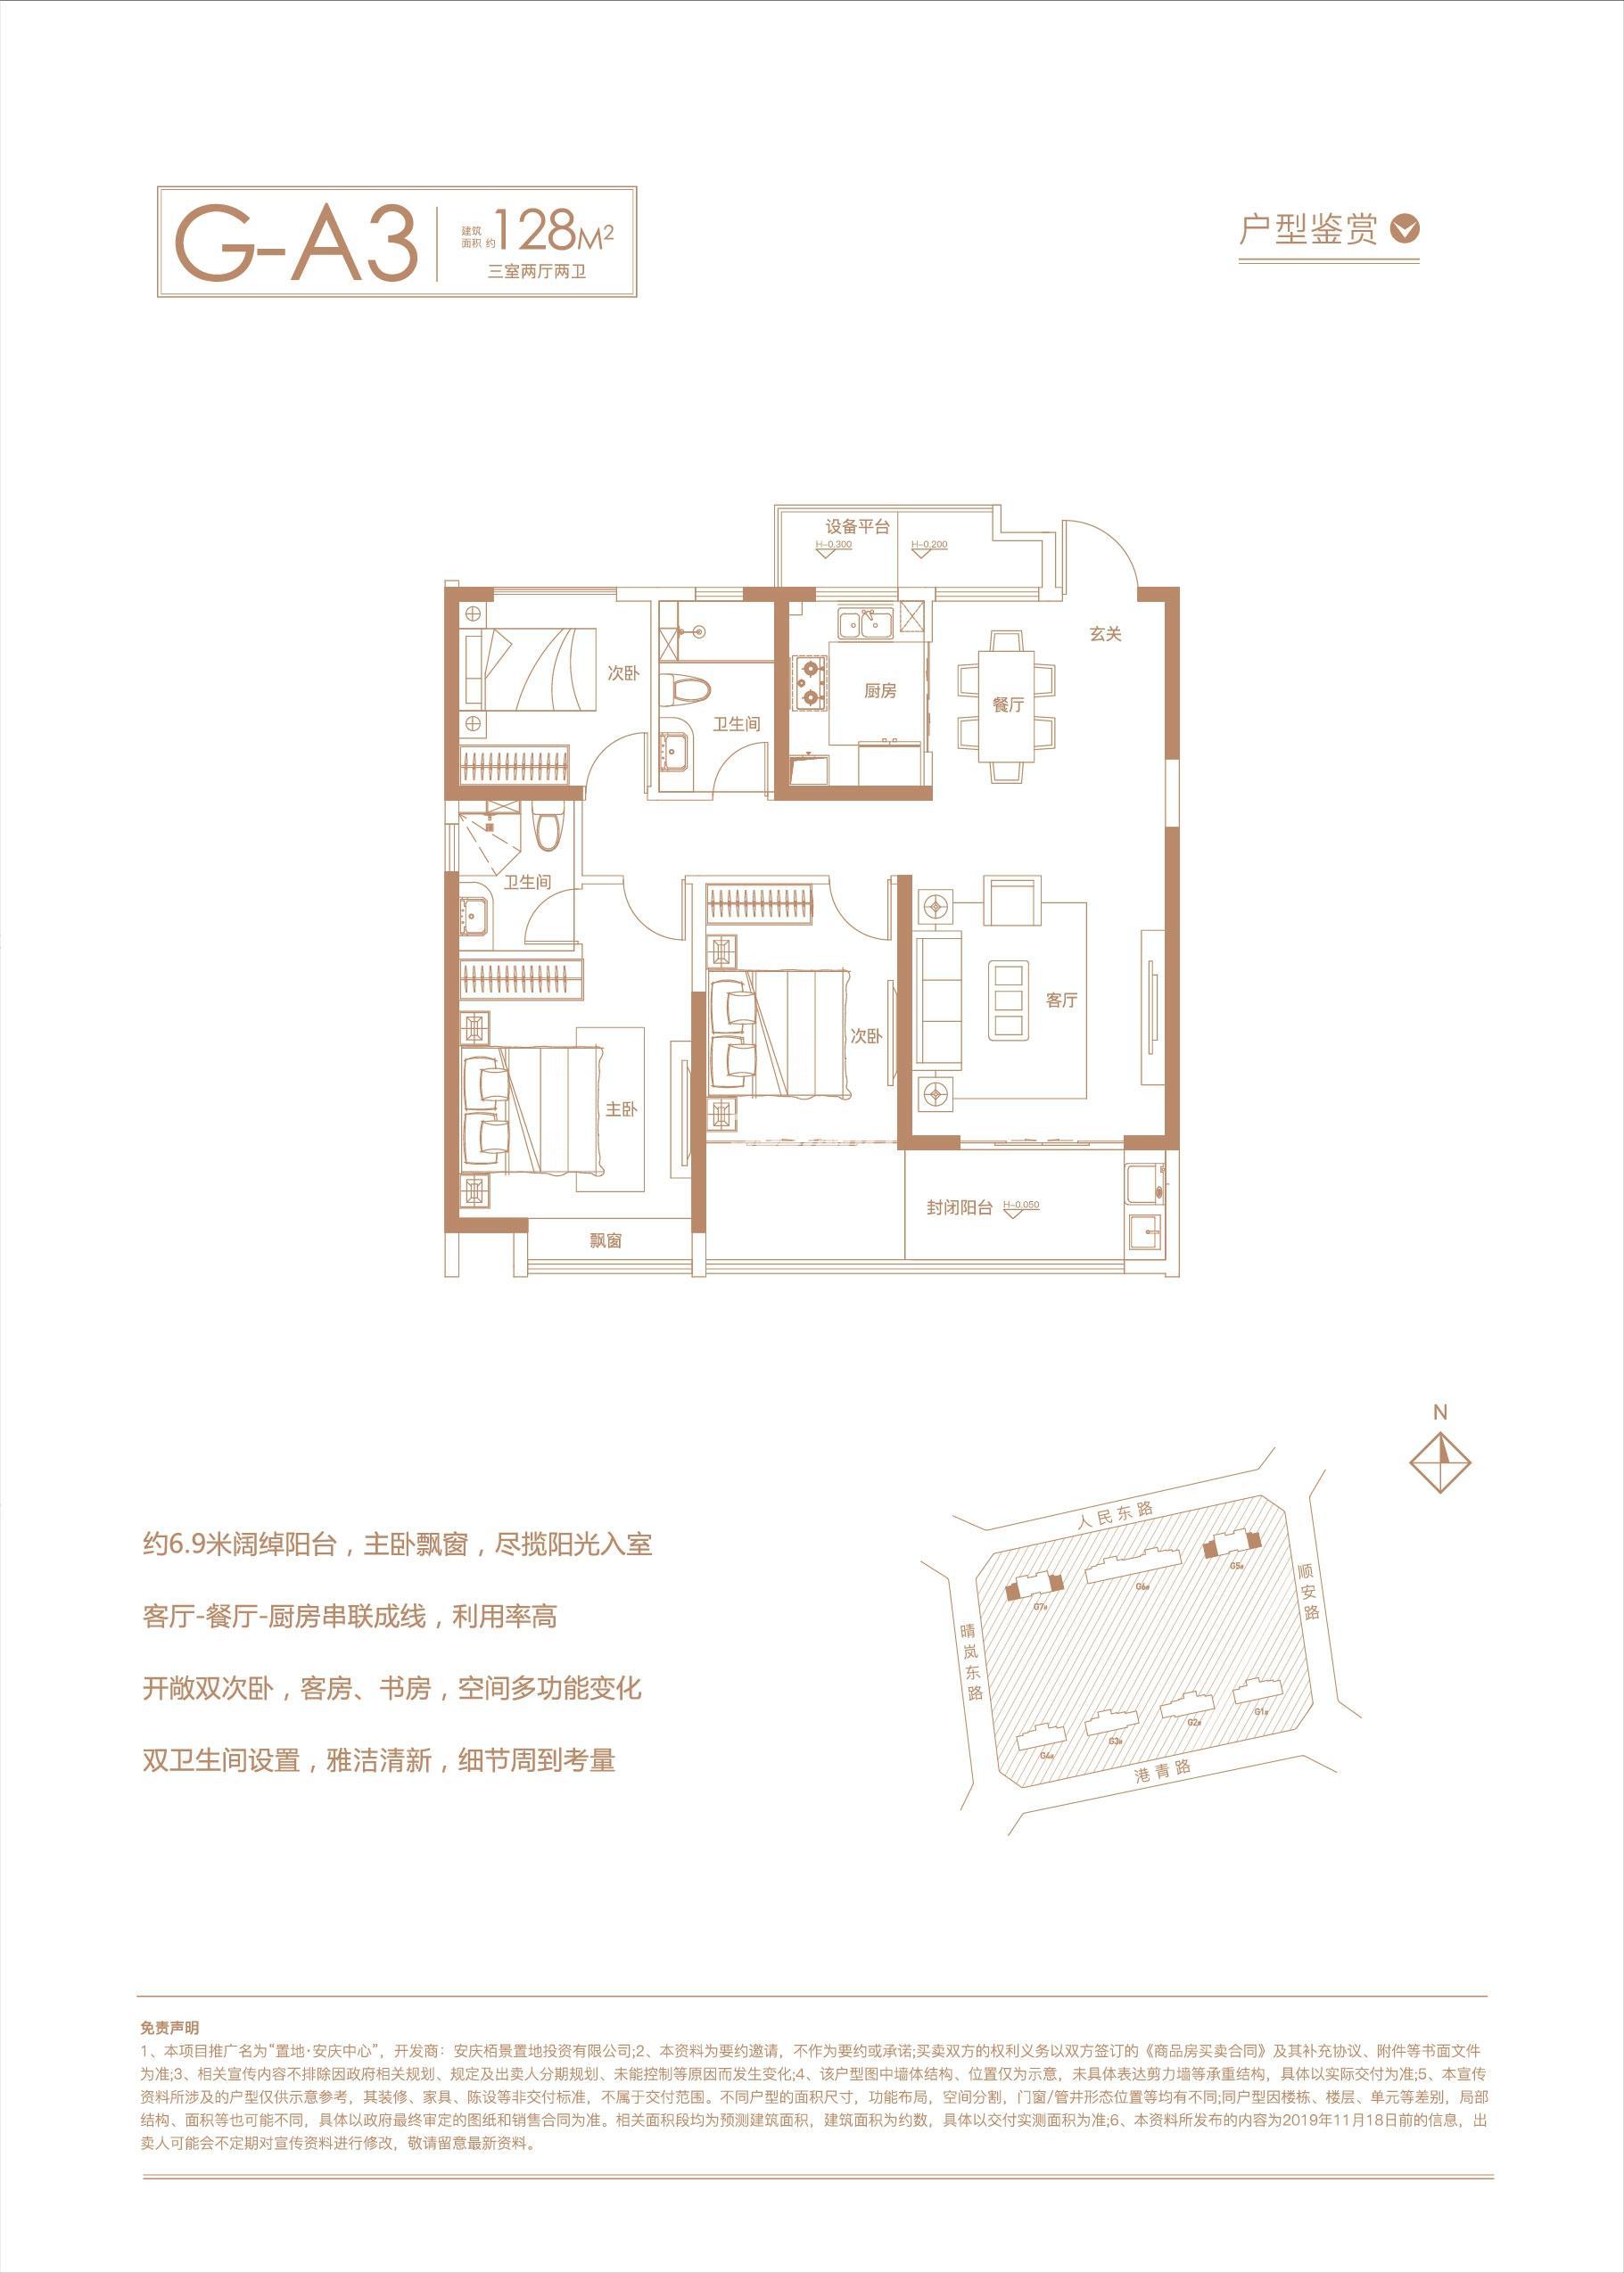 安庆置地安庆中心128㎡三室两厅两卫G-A3户型